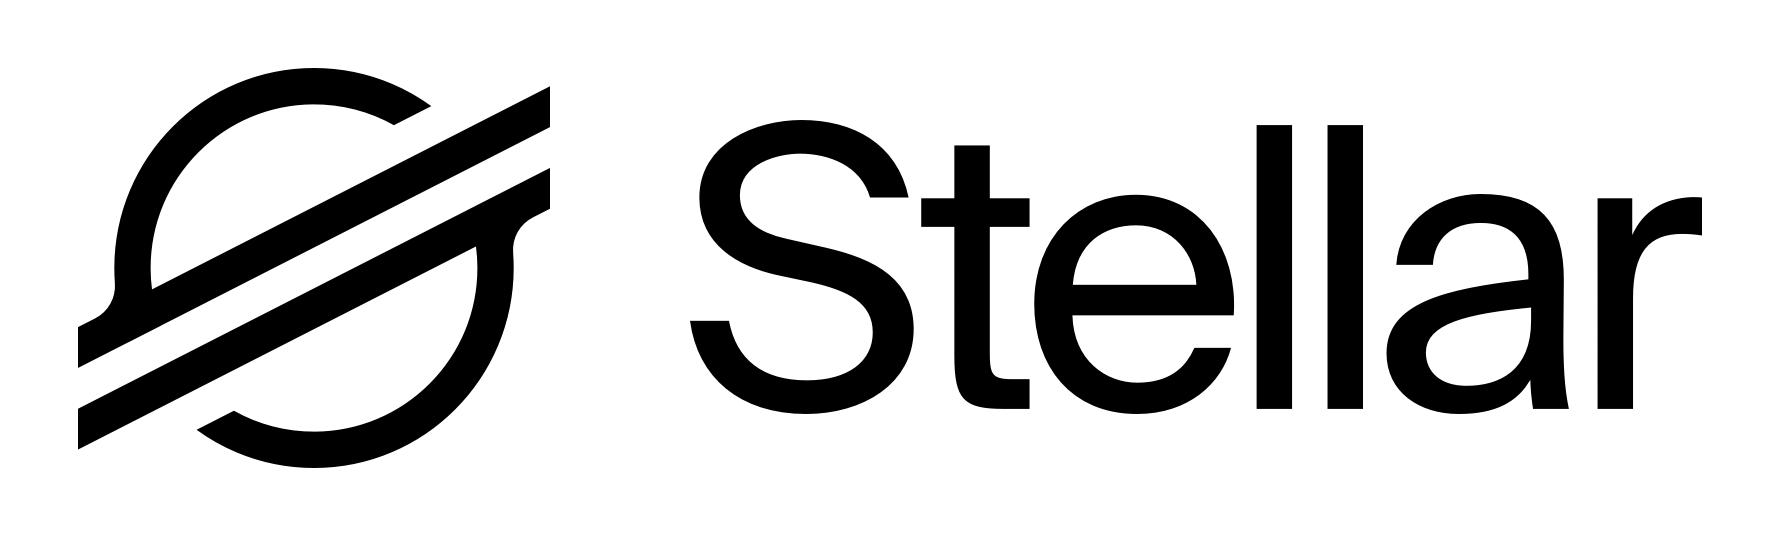 Stellar (XLM) Coin Logo